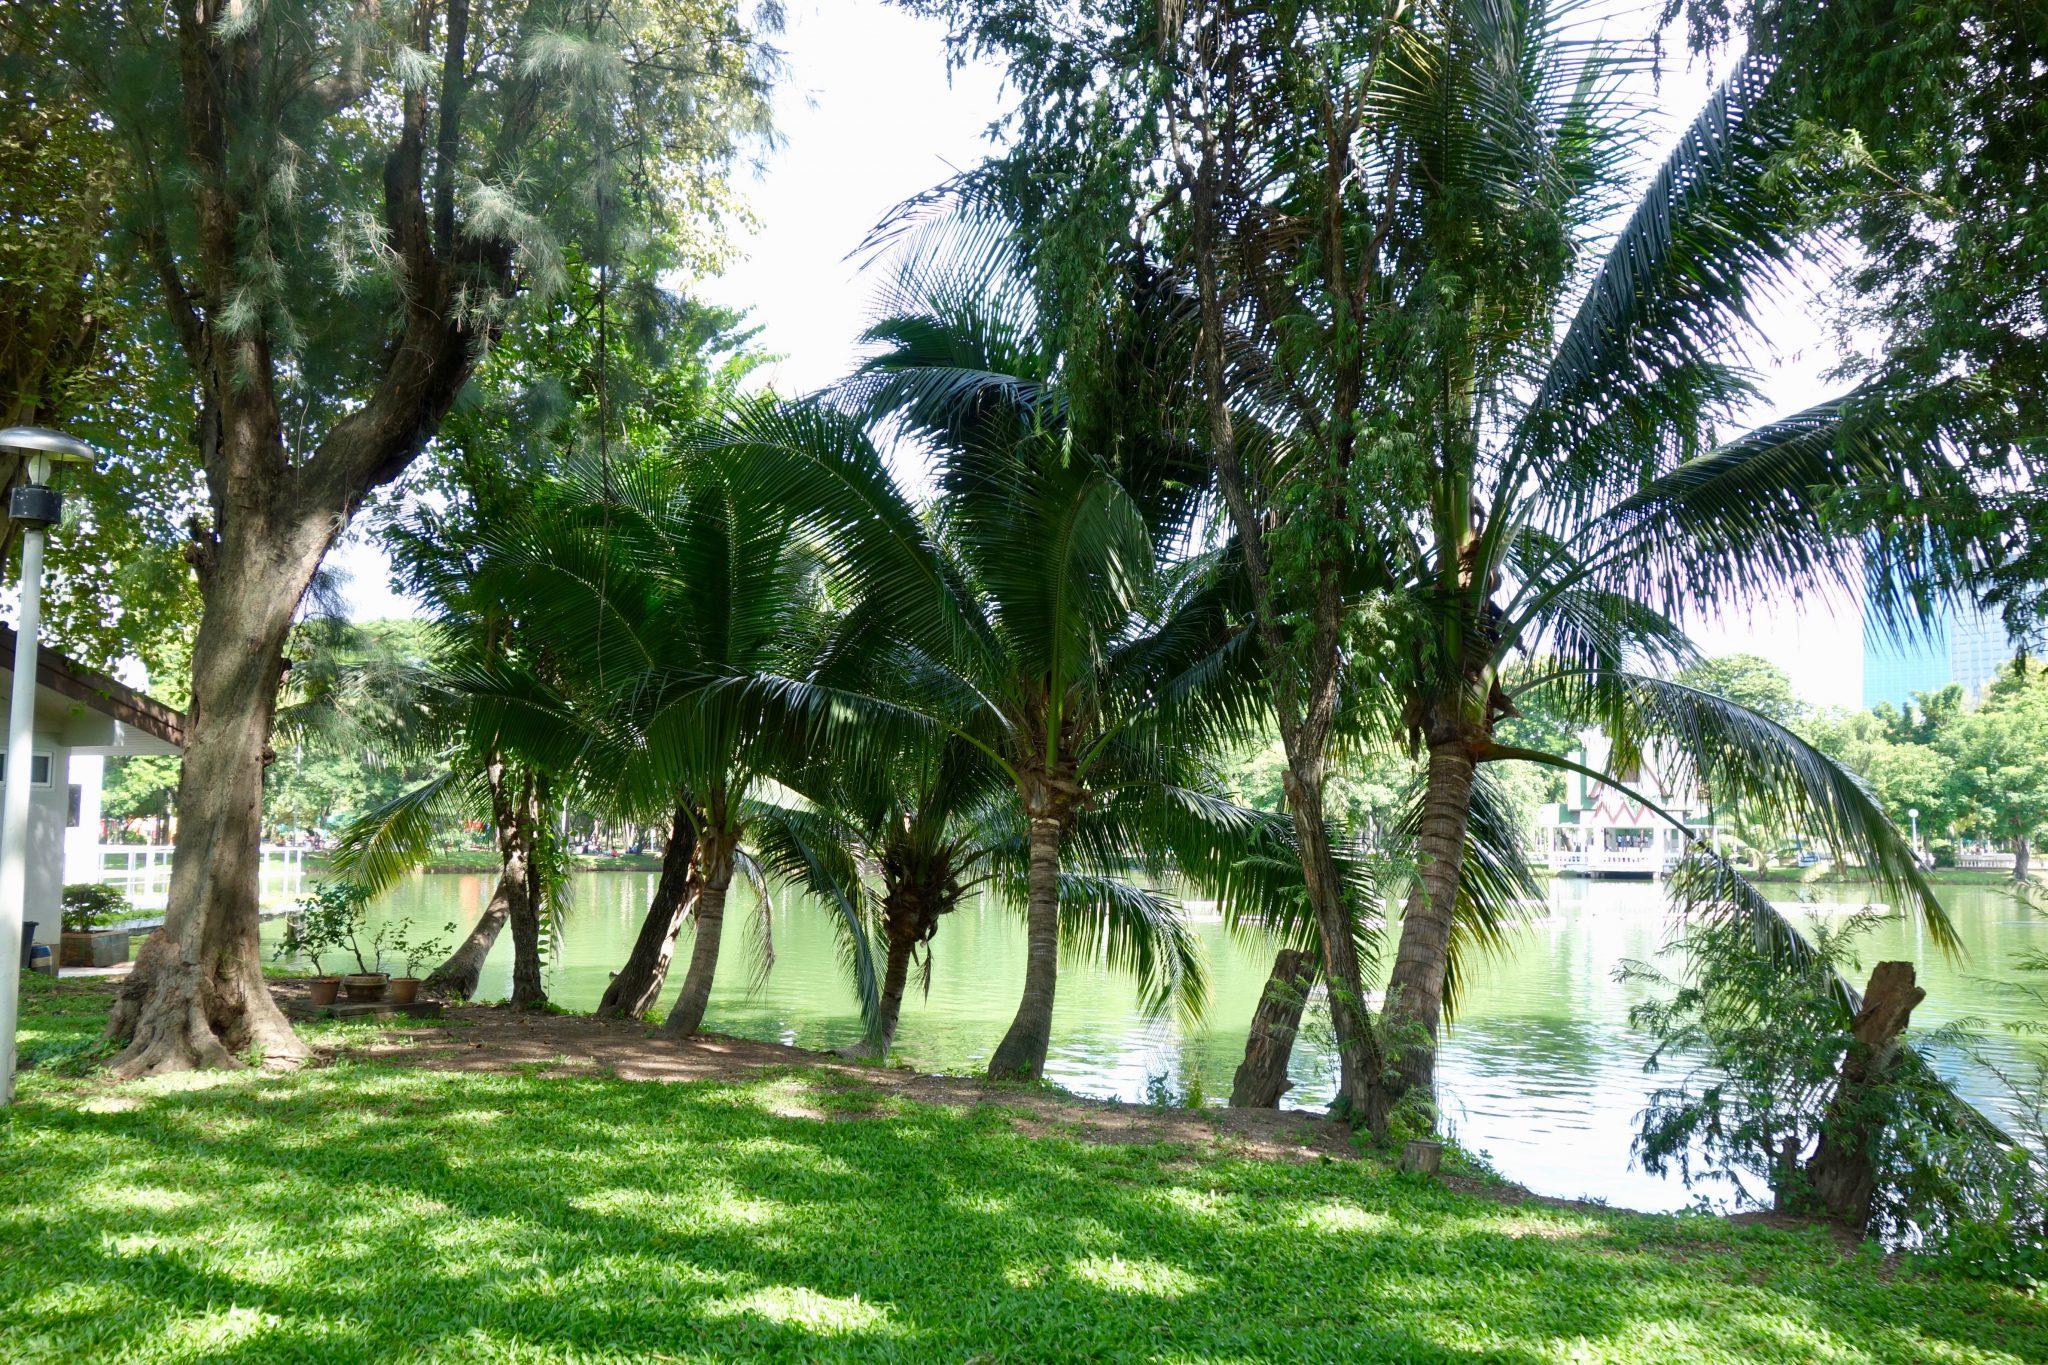 Thailand, Bangkok, Lumphini Park: wenn man vom Wasser fern bleibt, ist es ein wunderschöner Park!